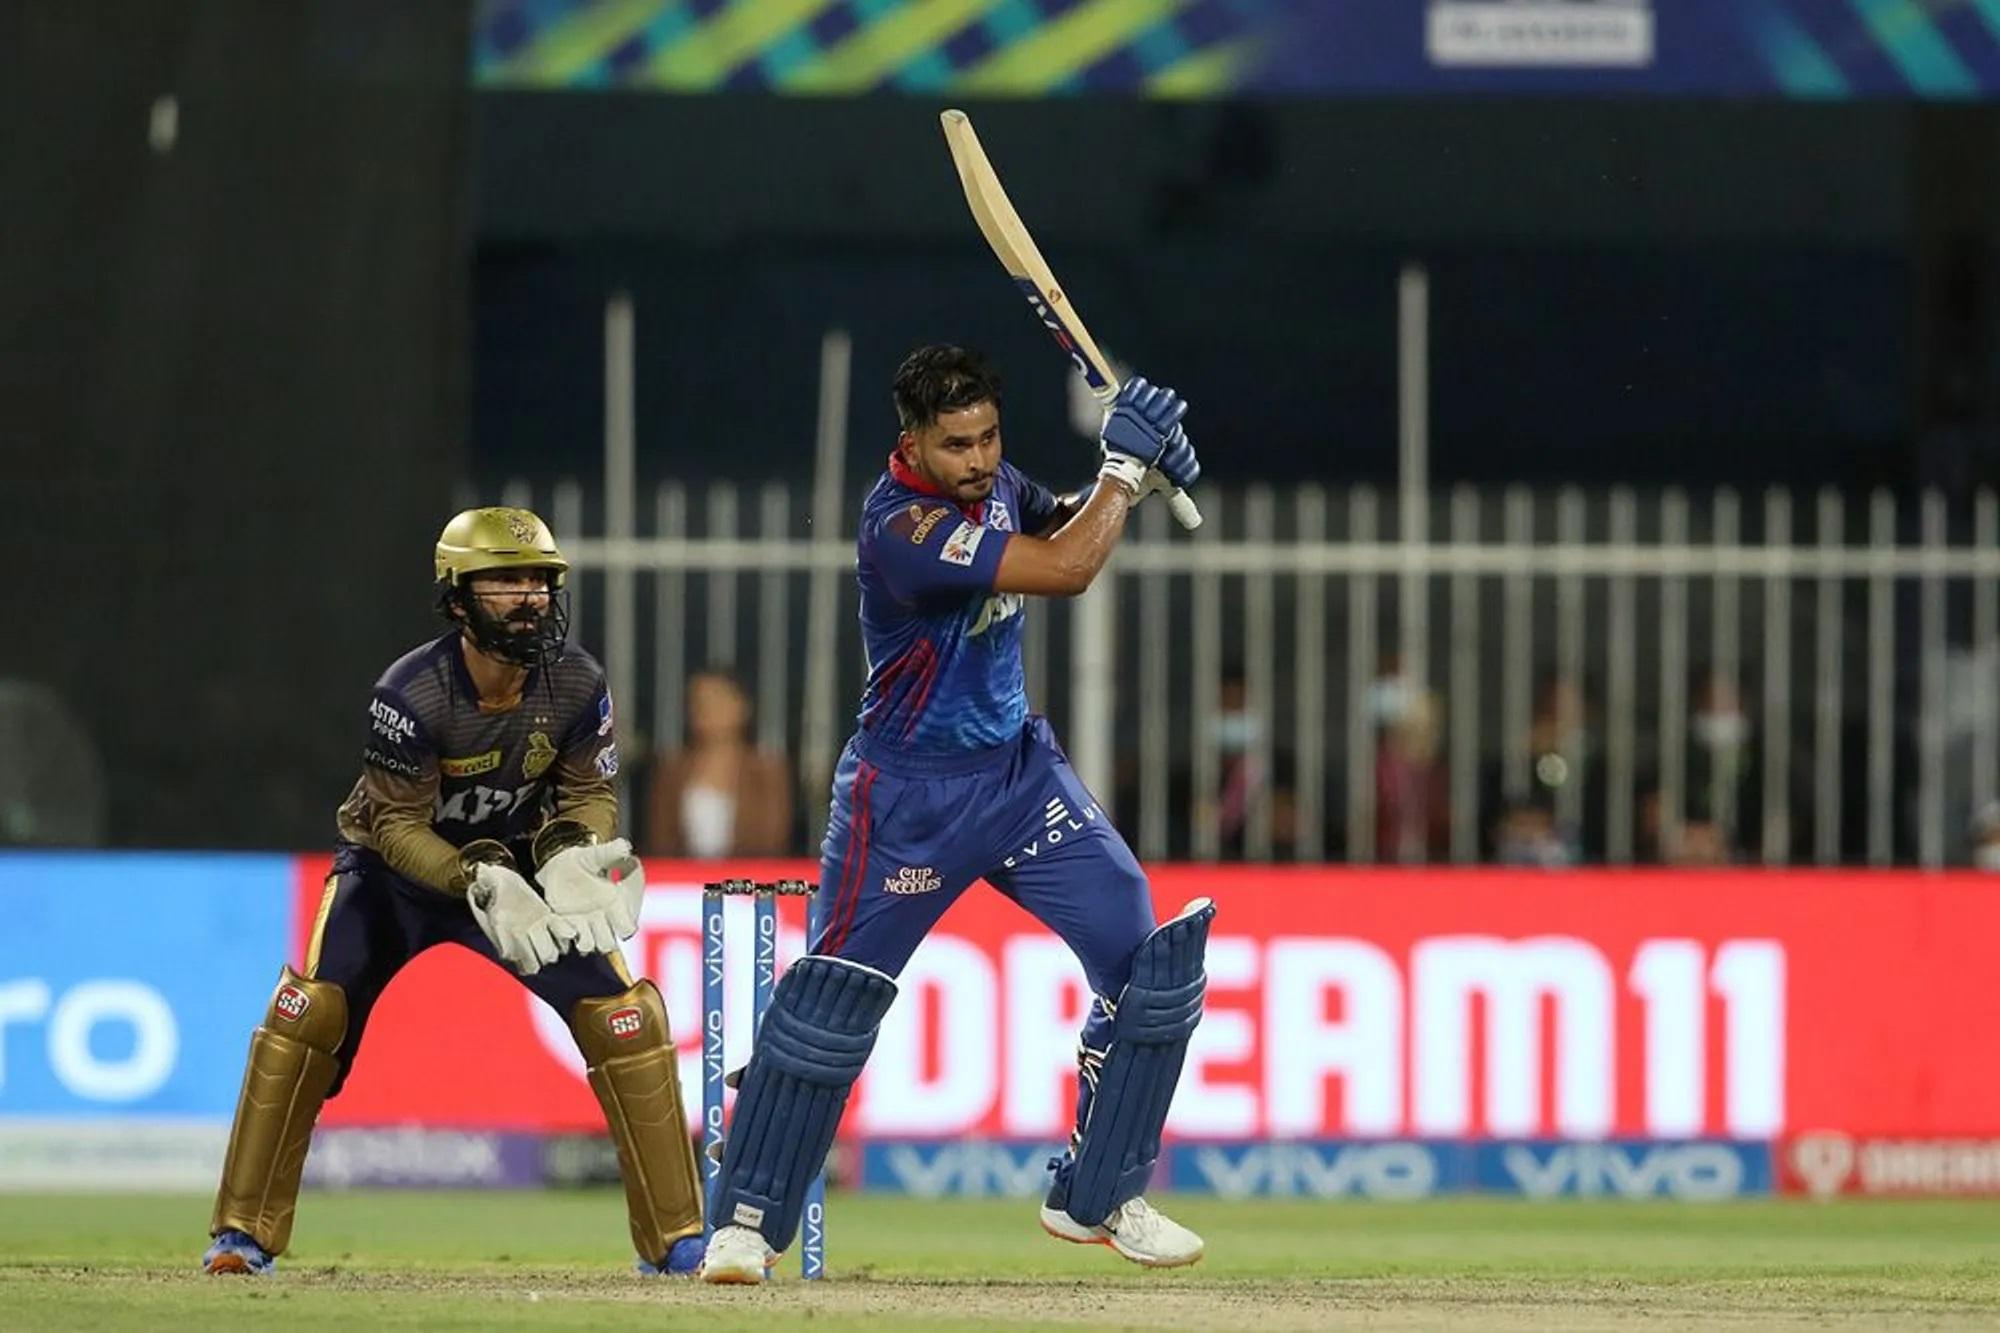 उधर दिल्ली के पूर्व कप्तान श्रेयस अय्यर लड़ते रहे। उन्होंने जरूरी मैच में पहले की तरह कप्तानी पारी खेली। उन्होंने आखिरी ओवर में 15 रन लेकर स्कोर को 135 रन तक पहुंचाया। नहीं तो पंत की टीम इससे भी कम में सिमट गई होती।